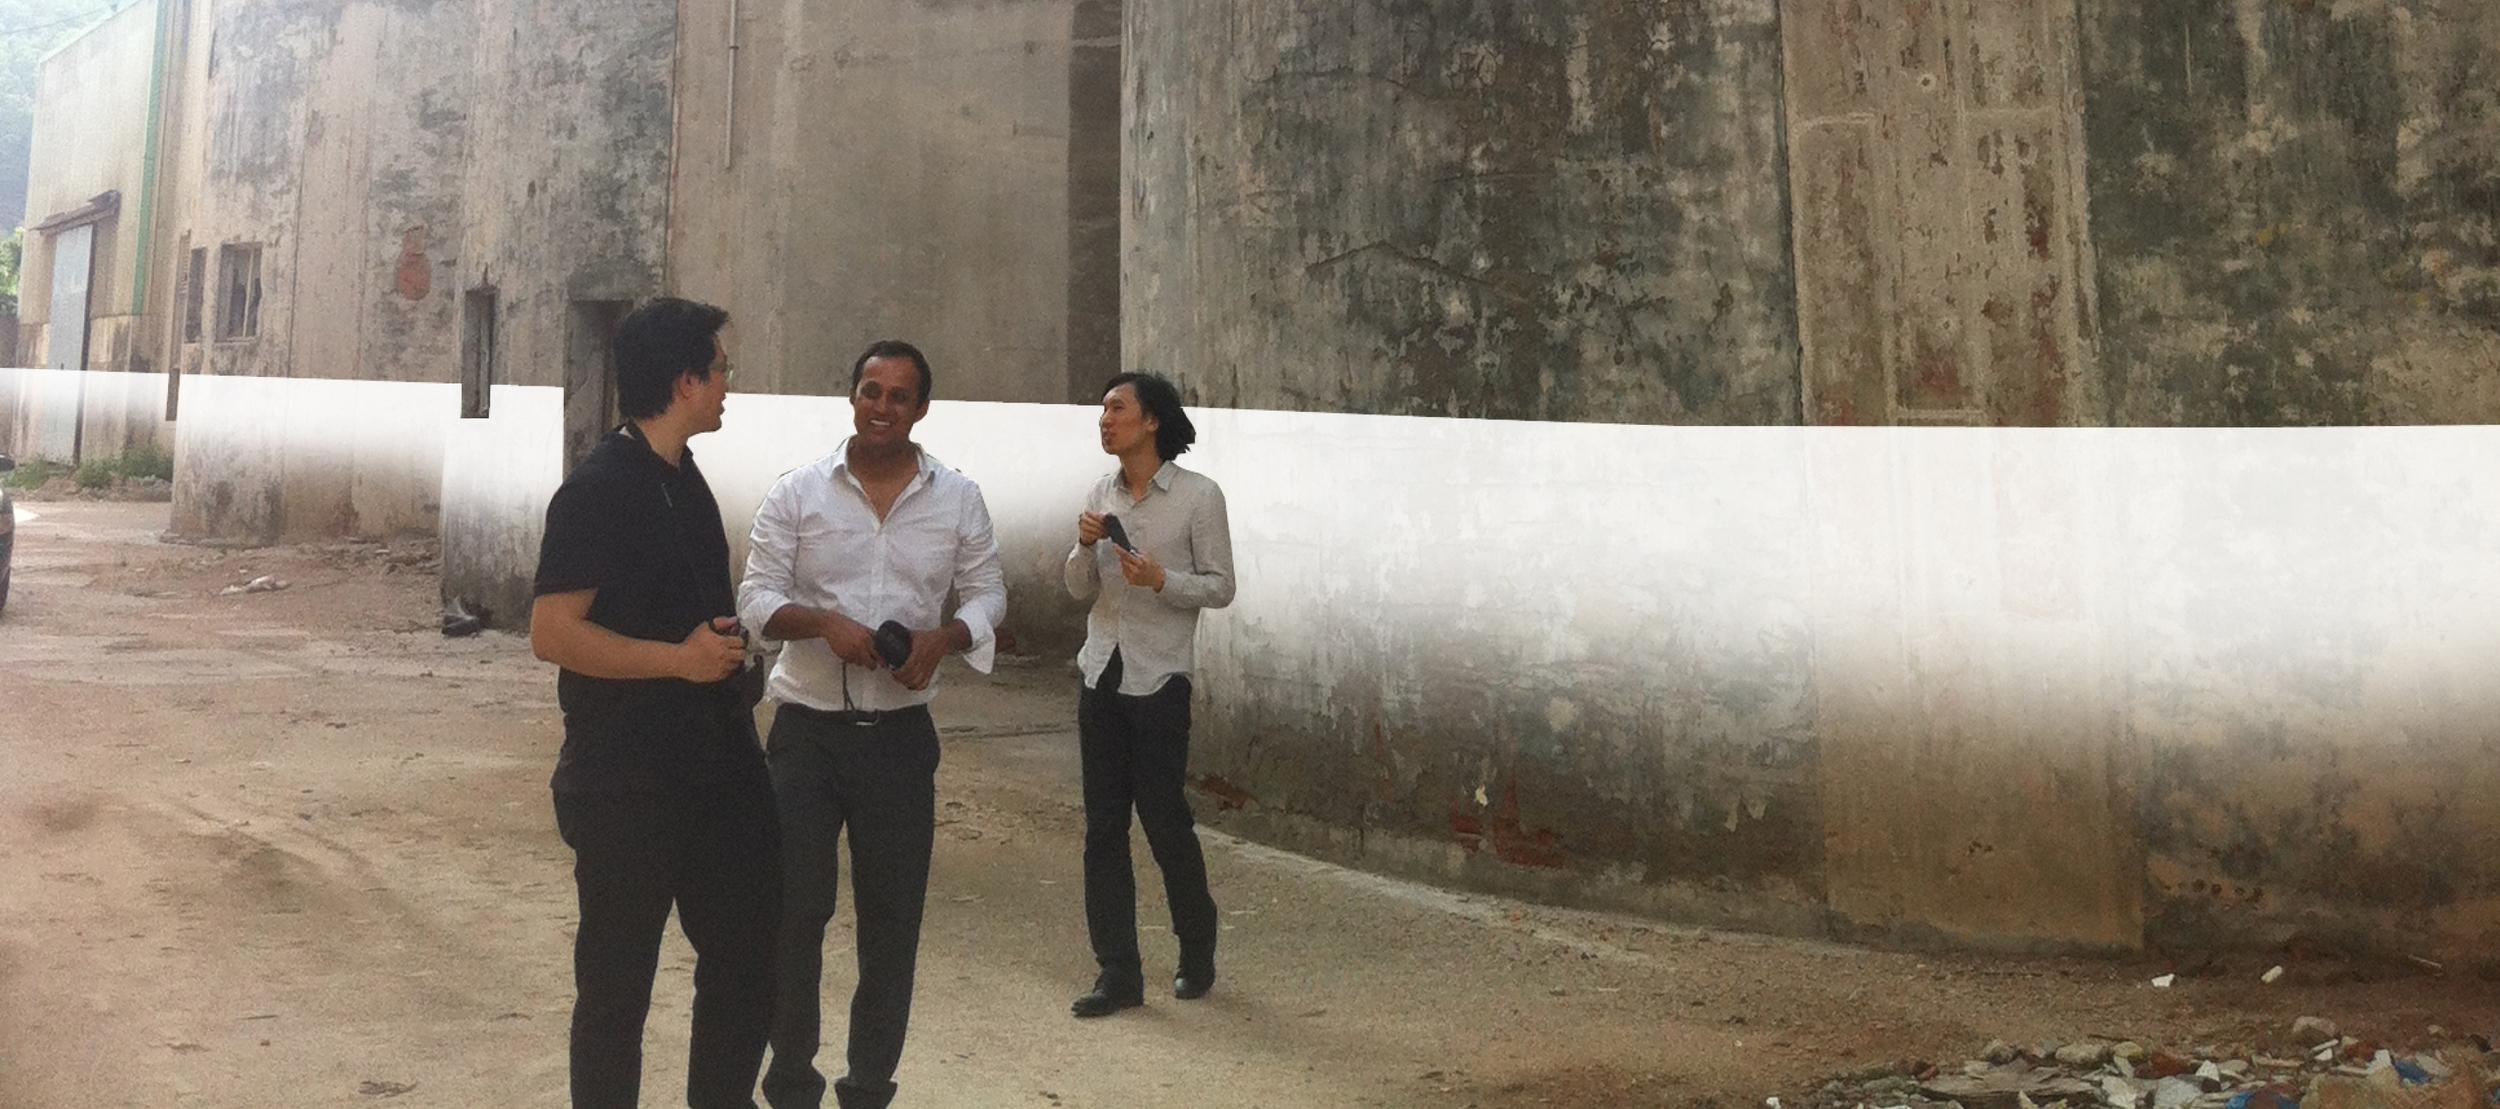 Nitsche - LOW TIDE - Shenzhen Biennale 2013 9x.jpg